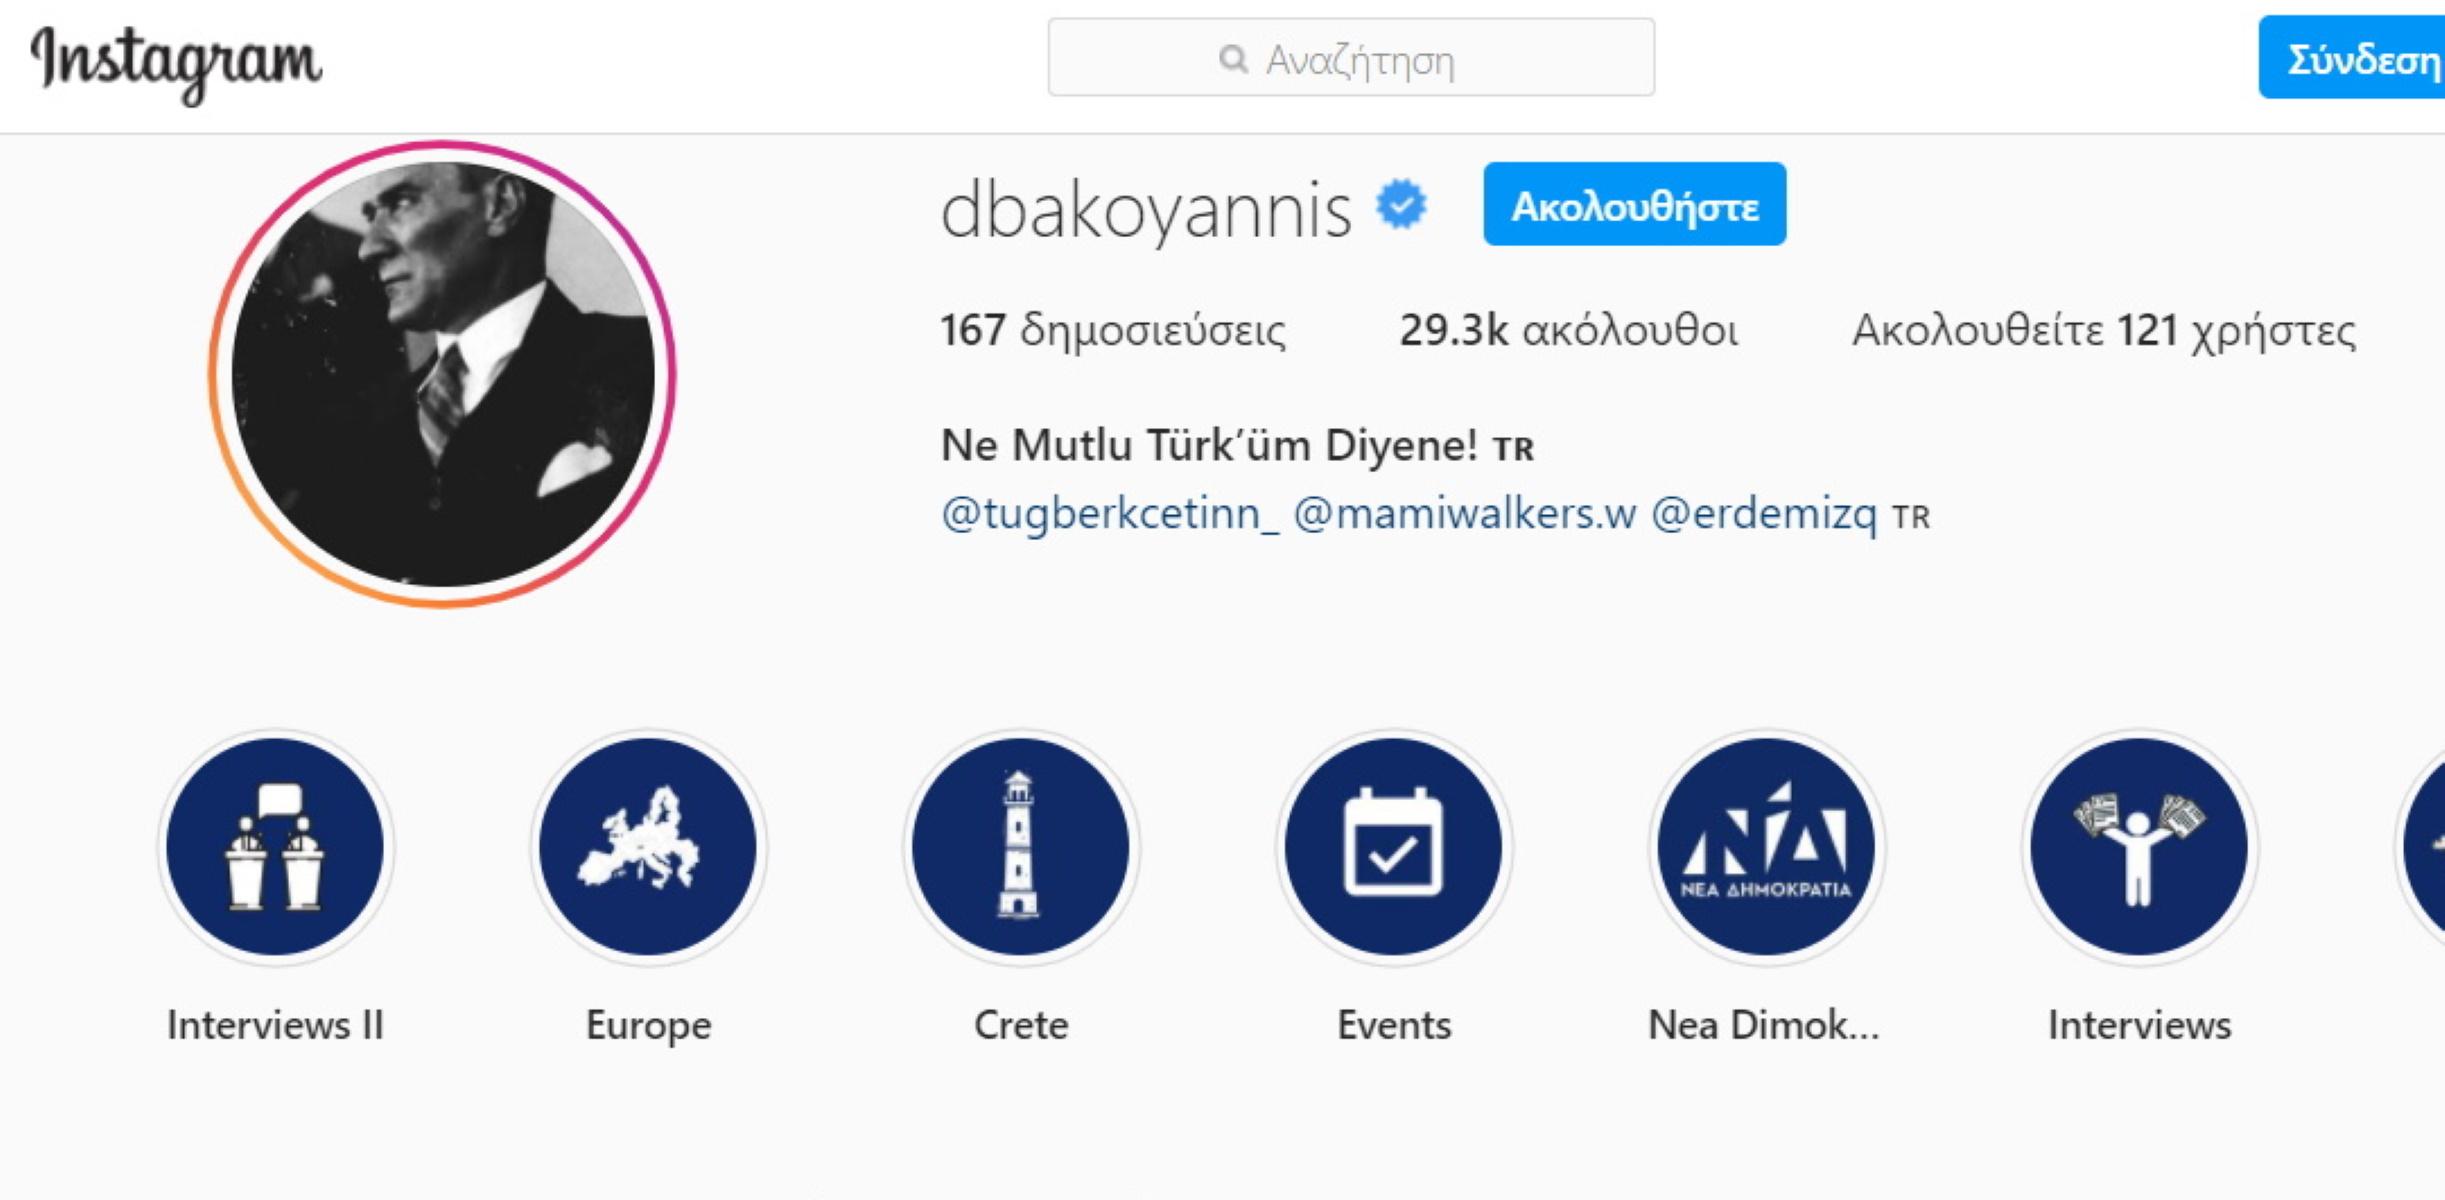 """Τούρκοι χάκερς """"χτύπησαν"""" τη Ντόρα Μπακογιάννη - Η αισχρή ανάρτηση με τον Κεμάλ να """"ρίχνει τους Έλληνες στη θάλασσα"""""""